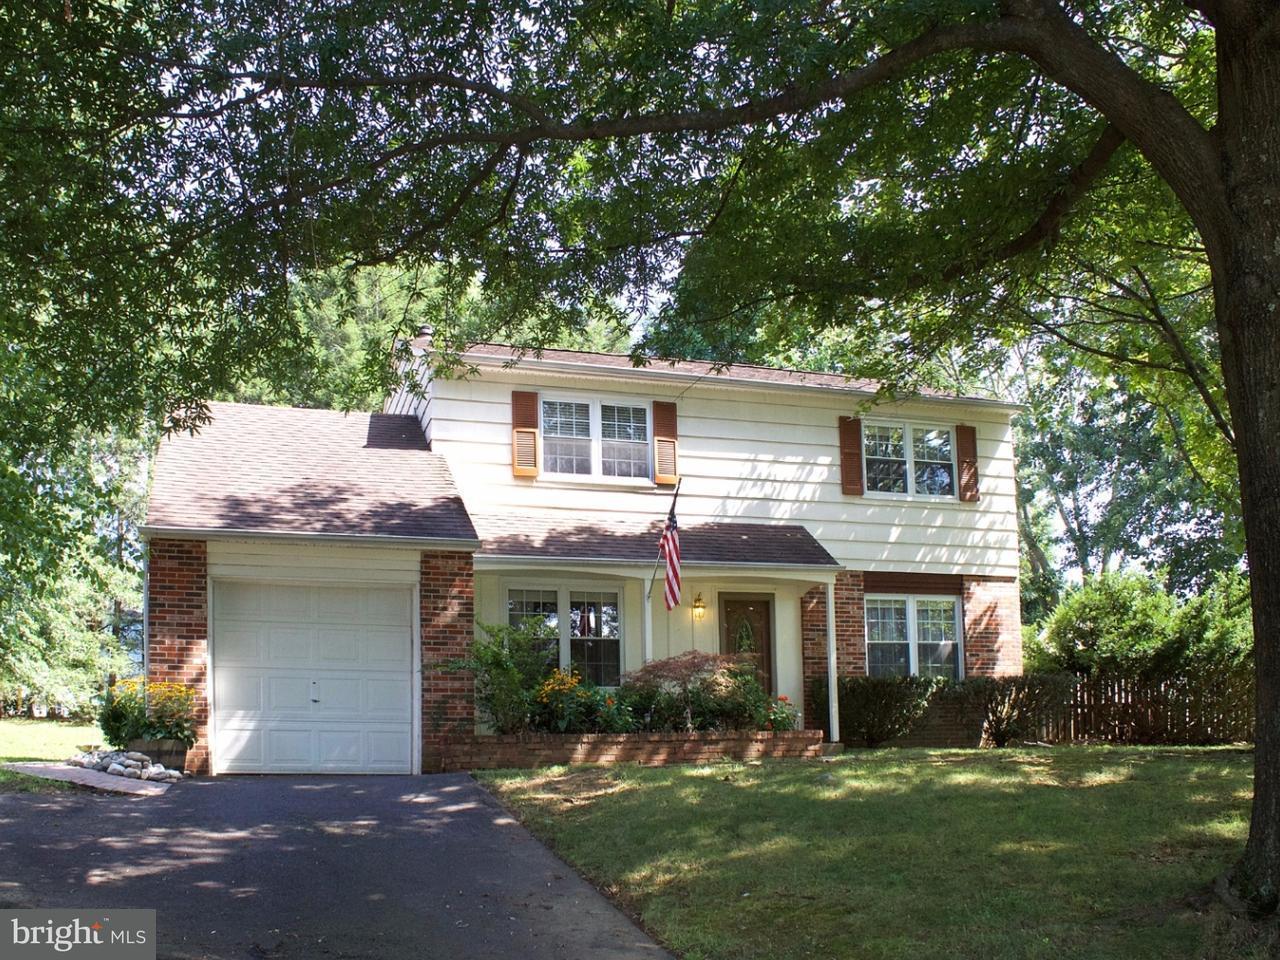 Частный односемейный дом для того Продажа на 2427 FLINT Circle Feasterville, Пенсильвания 19053 Соединенные Штаты